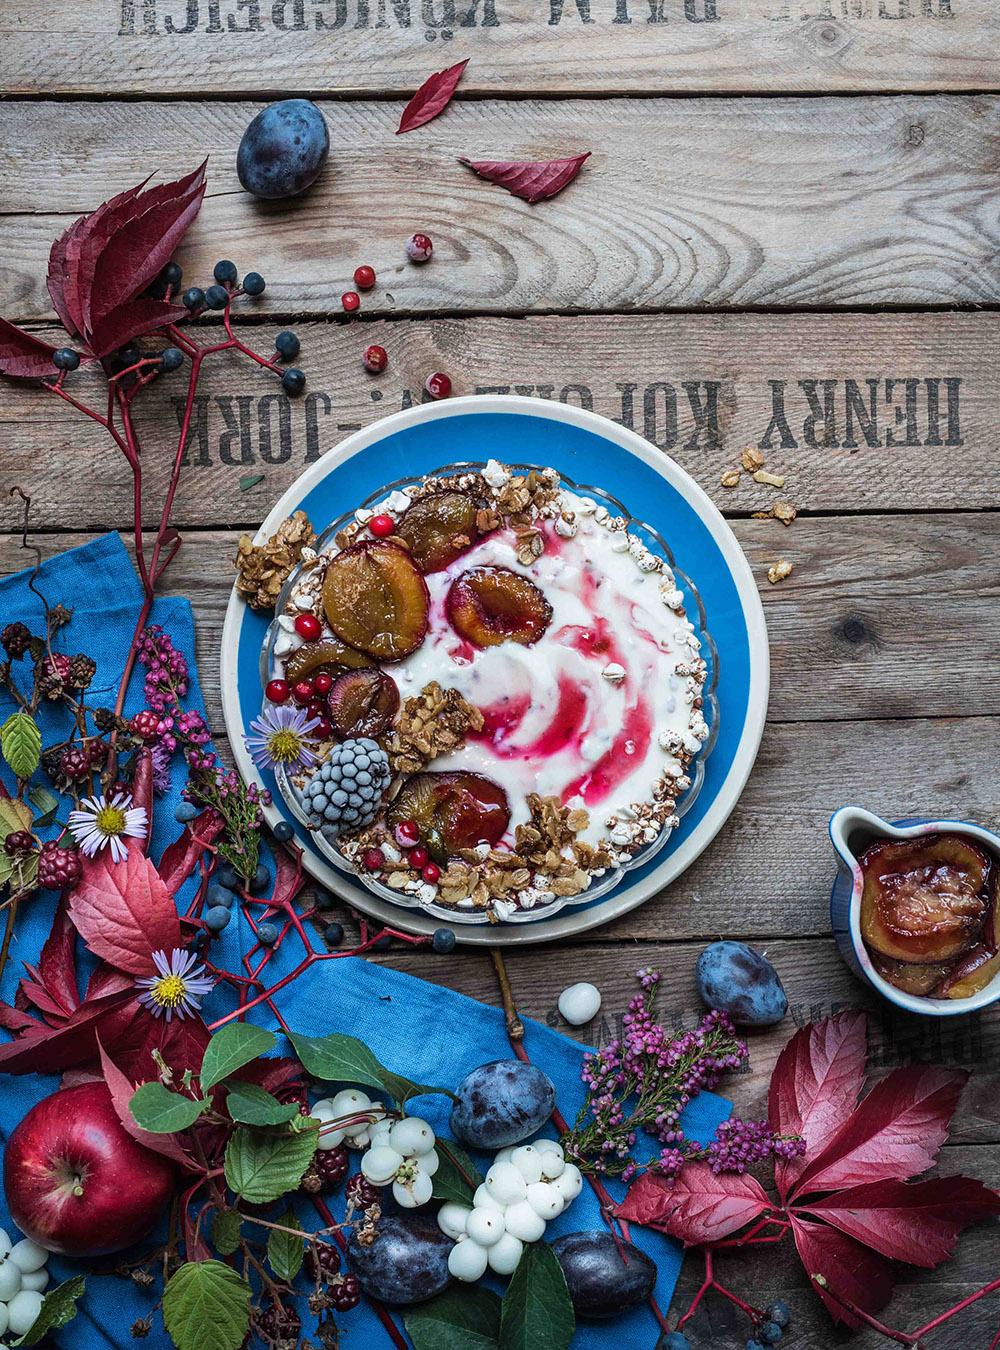 Von der Kuh auf den Tisch - weil Bio nicht gleich bio ist - Herbstliches regionales Joghurt Frühstück